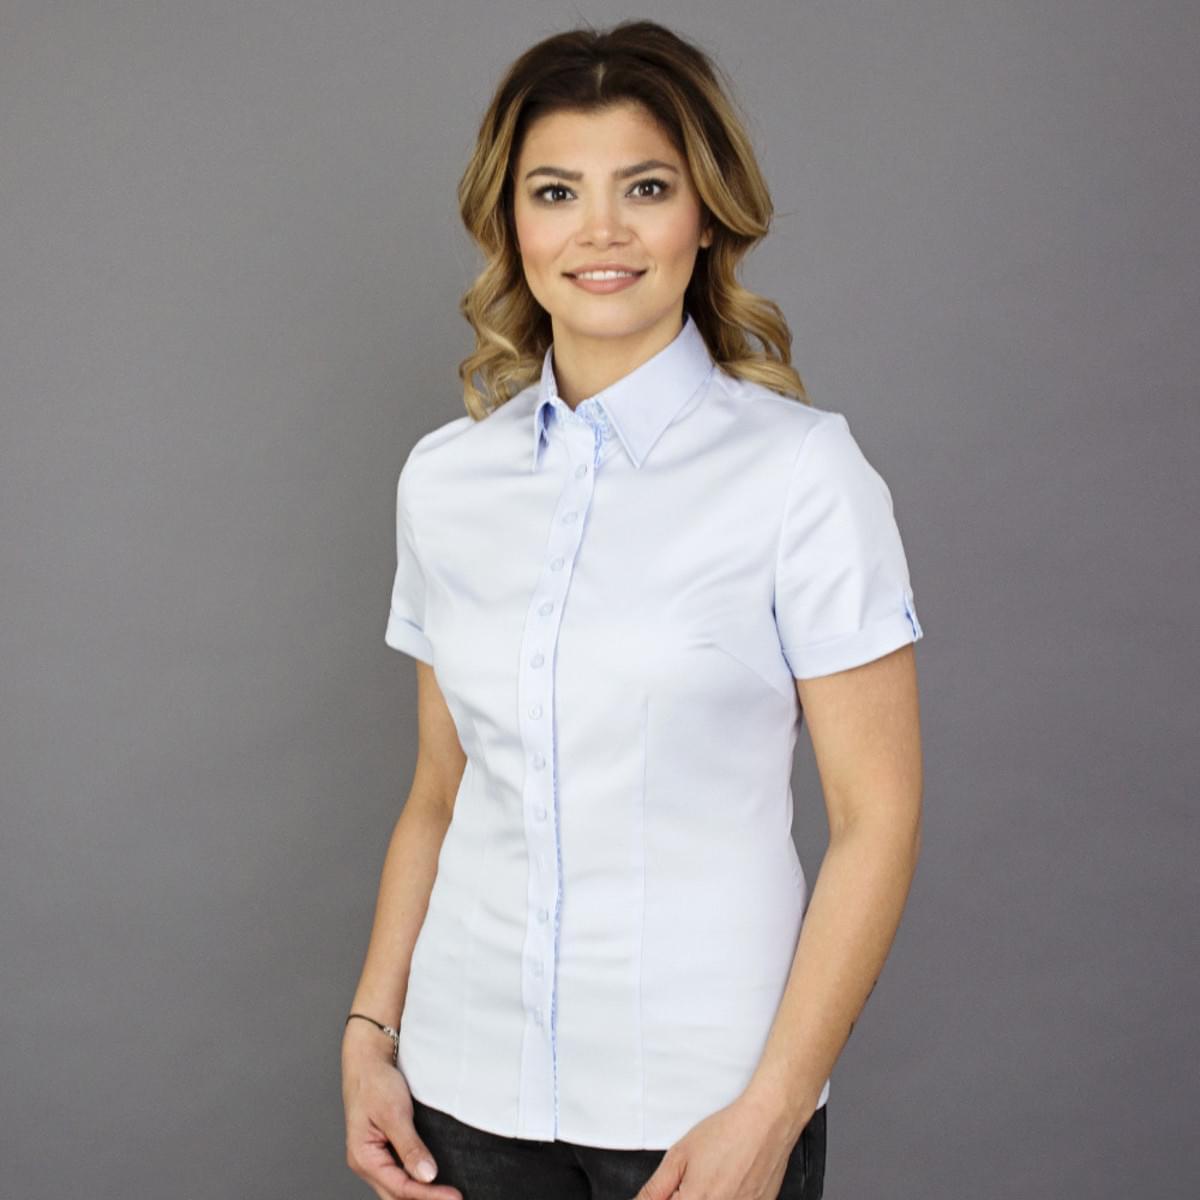 Dámská košile s krátkým rukávem Willsoor 7808 ve světle modré barvě 36